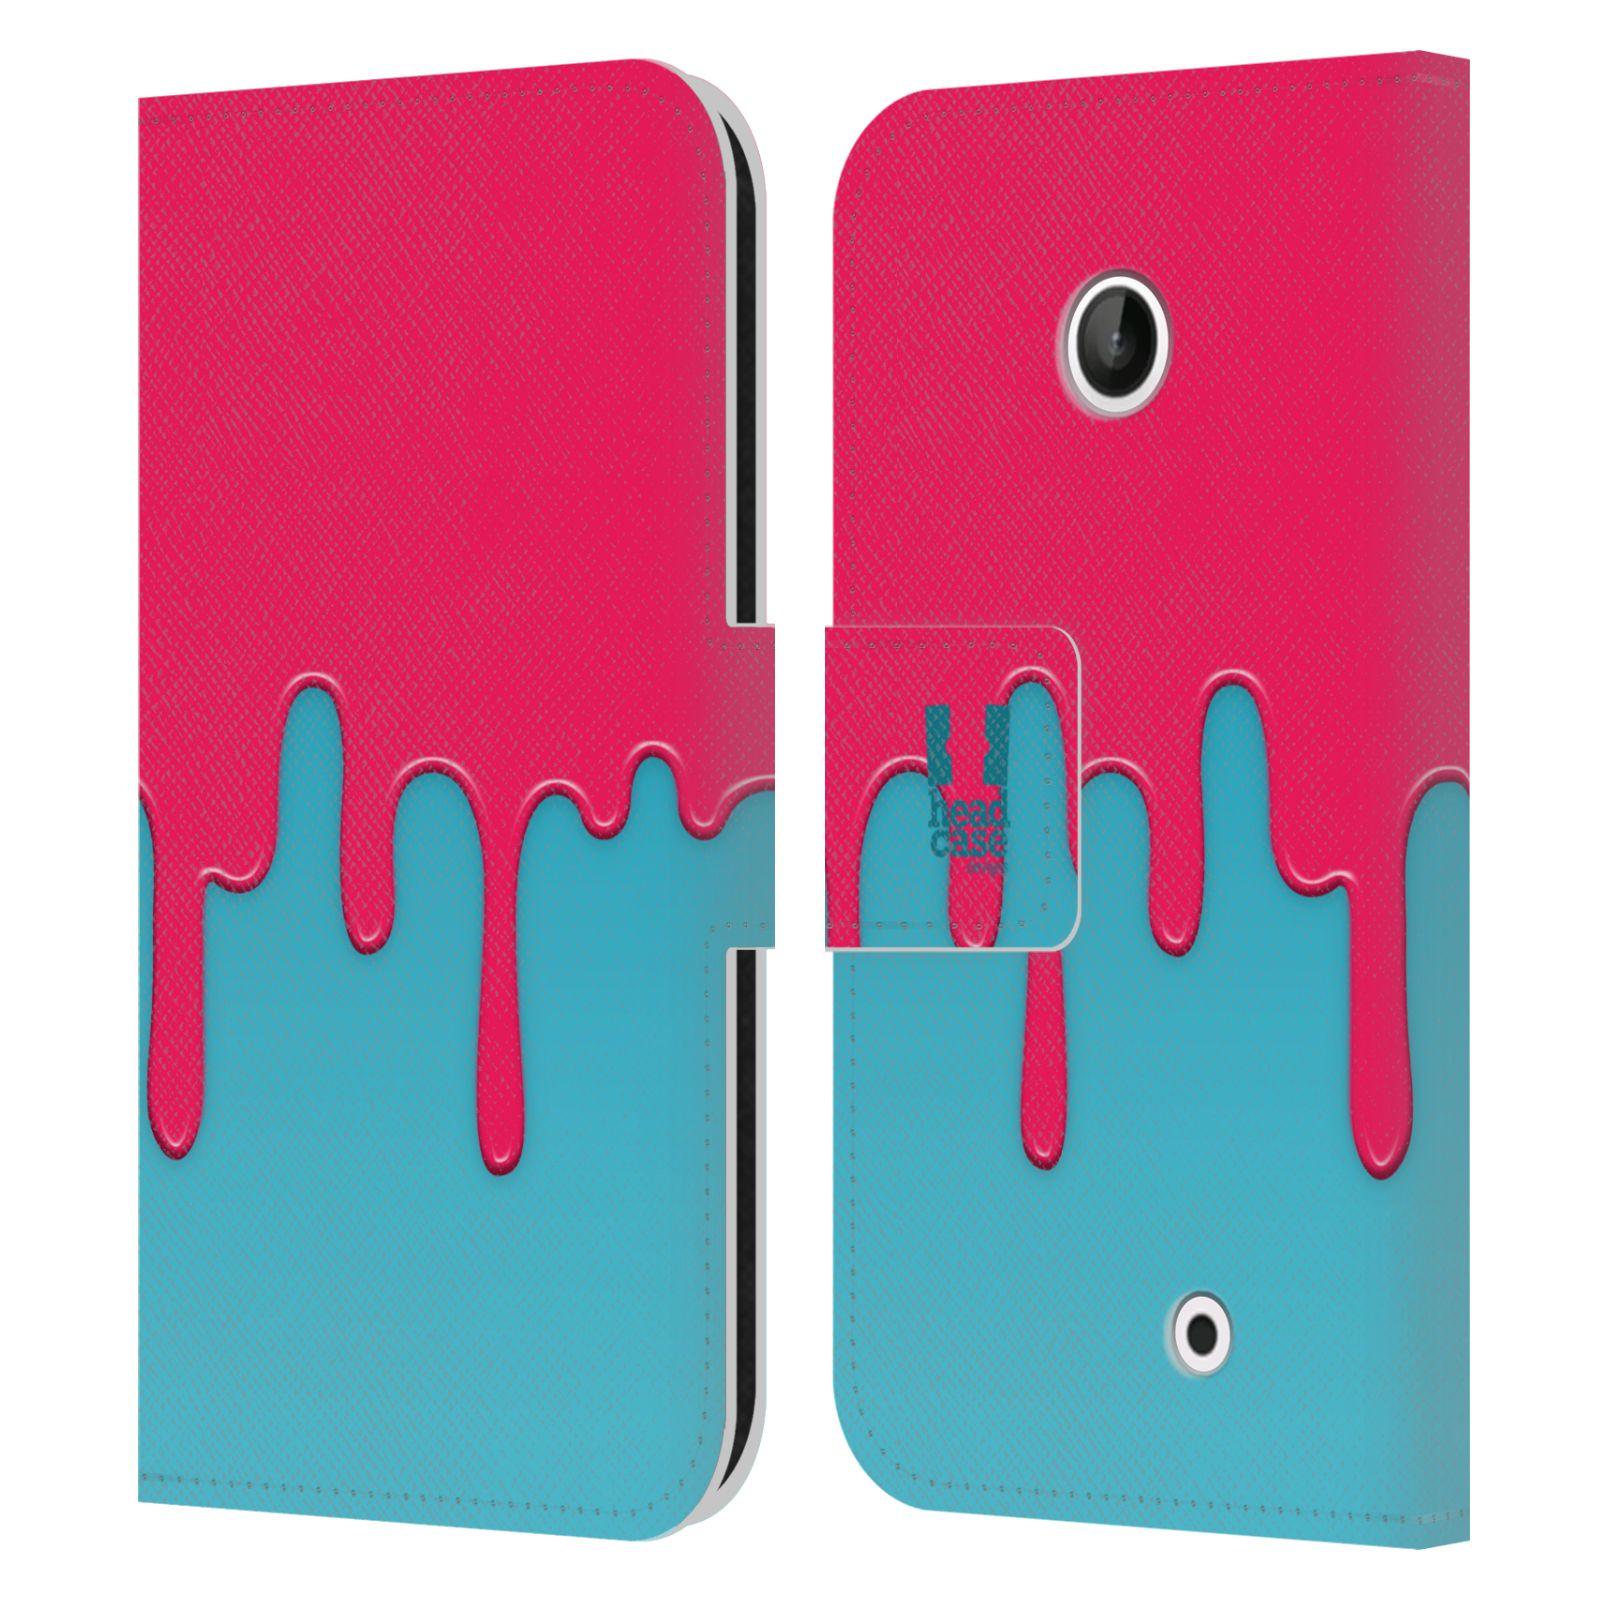 HEAD CASE Flipové pouzdro pro mobil NOKIA LUMIA 630 / LUMIA 630 DUAL Rozlitá barva růžová a modrá